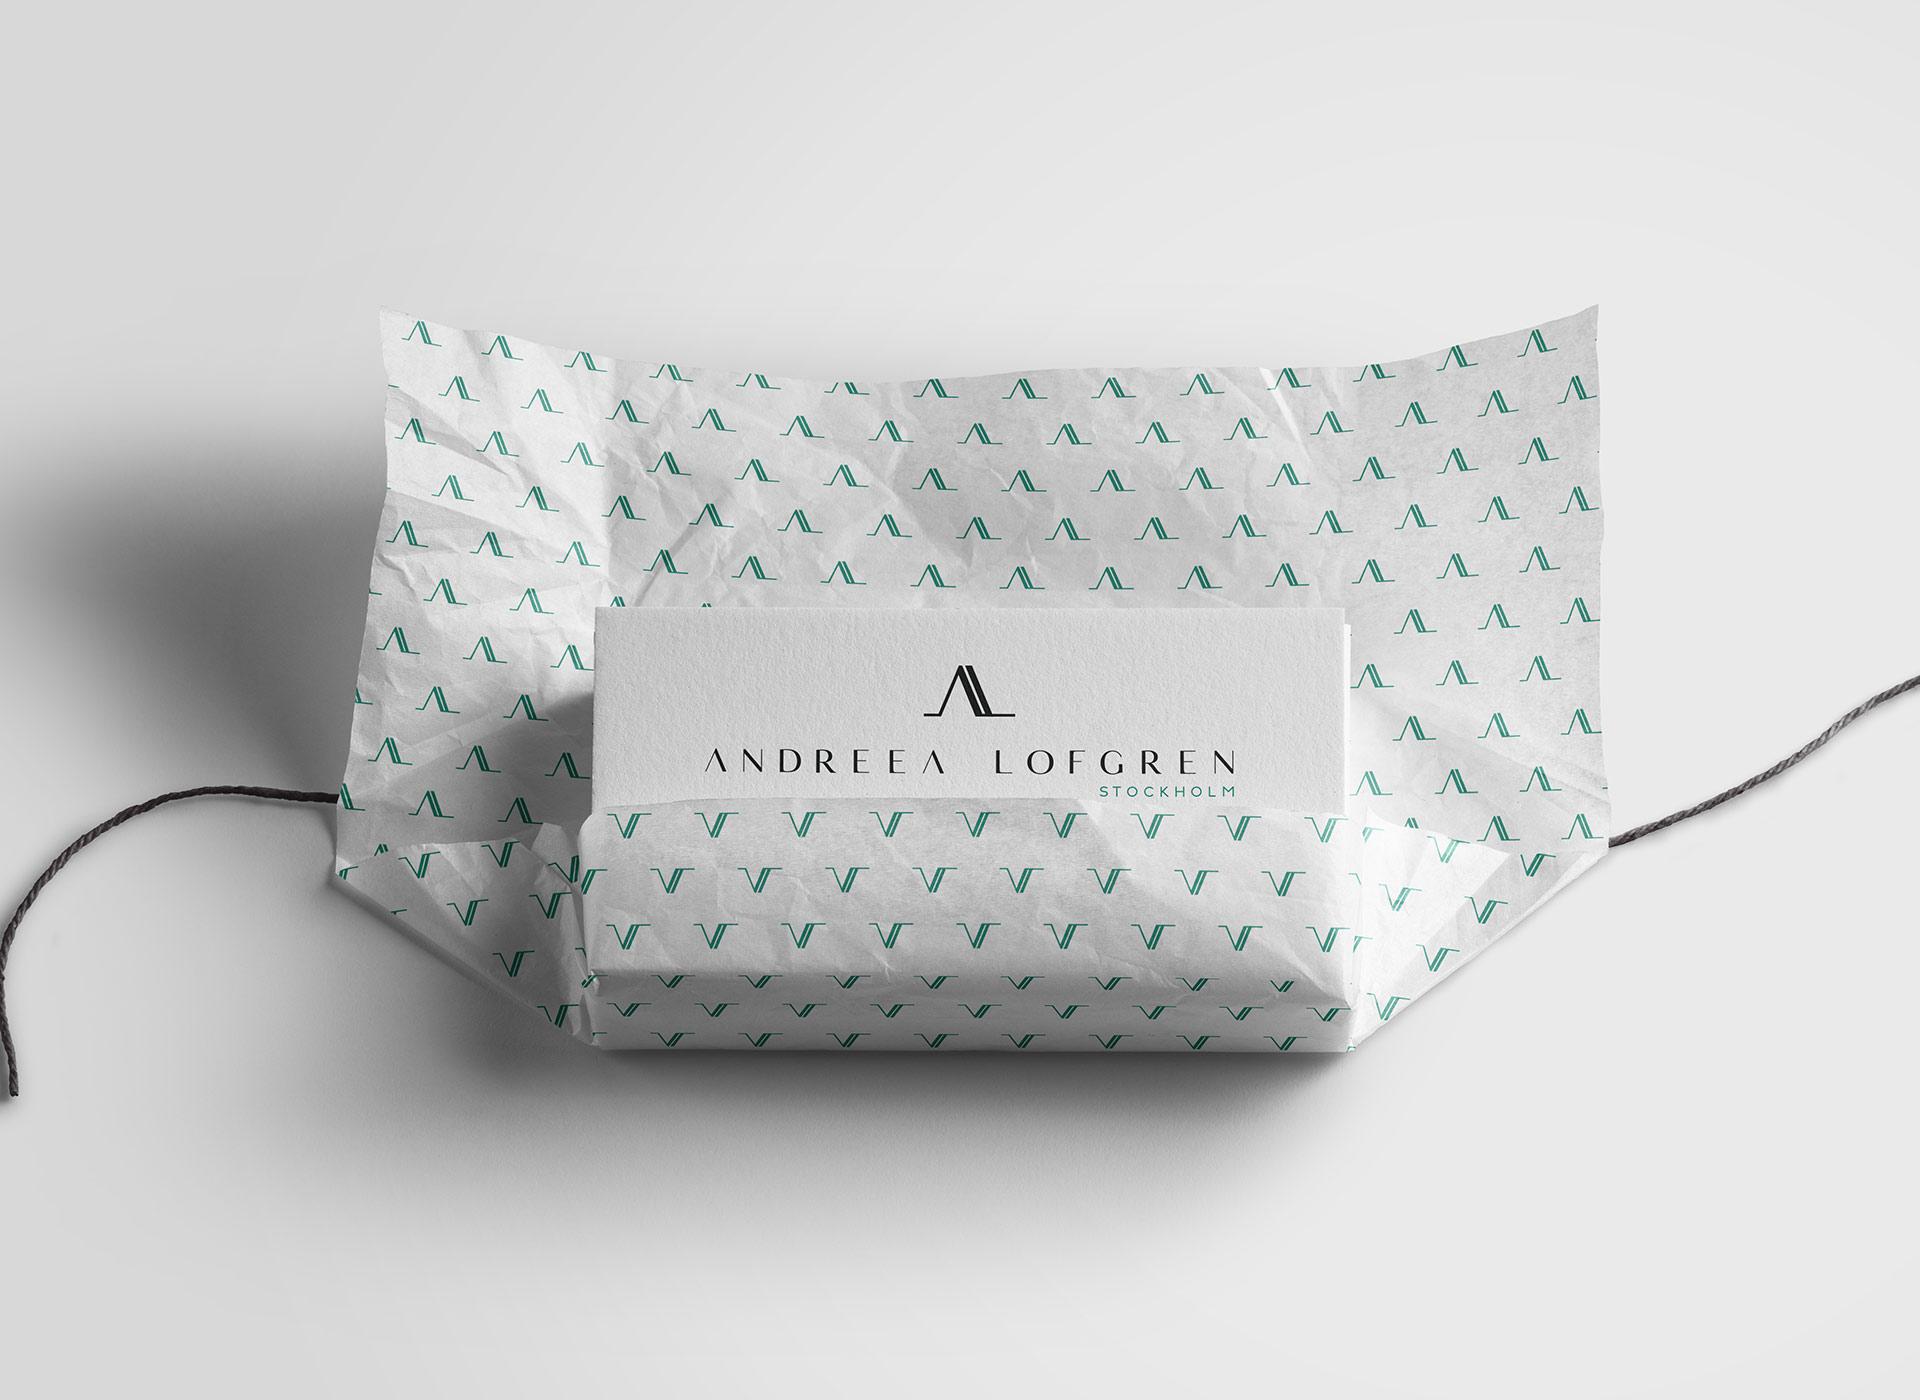 Andreea Lofgren portfolio inoveo warpping papper